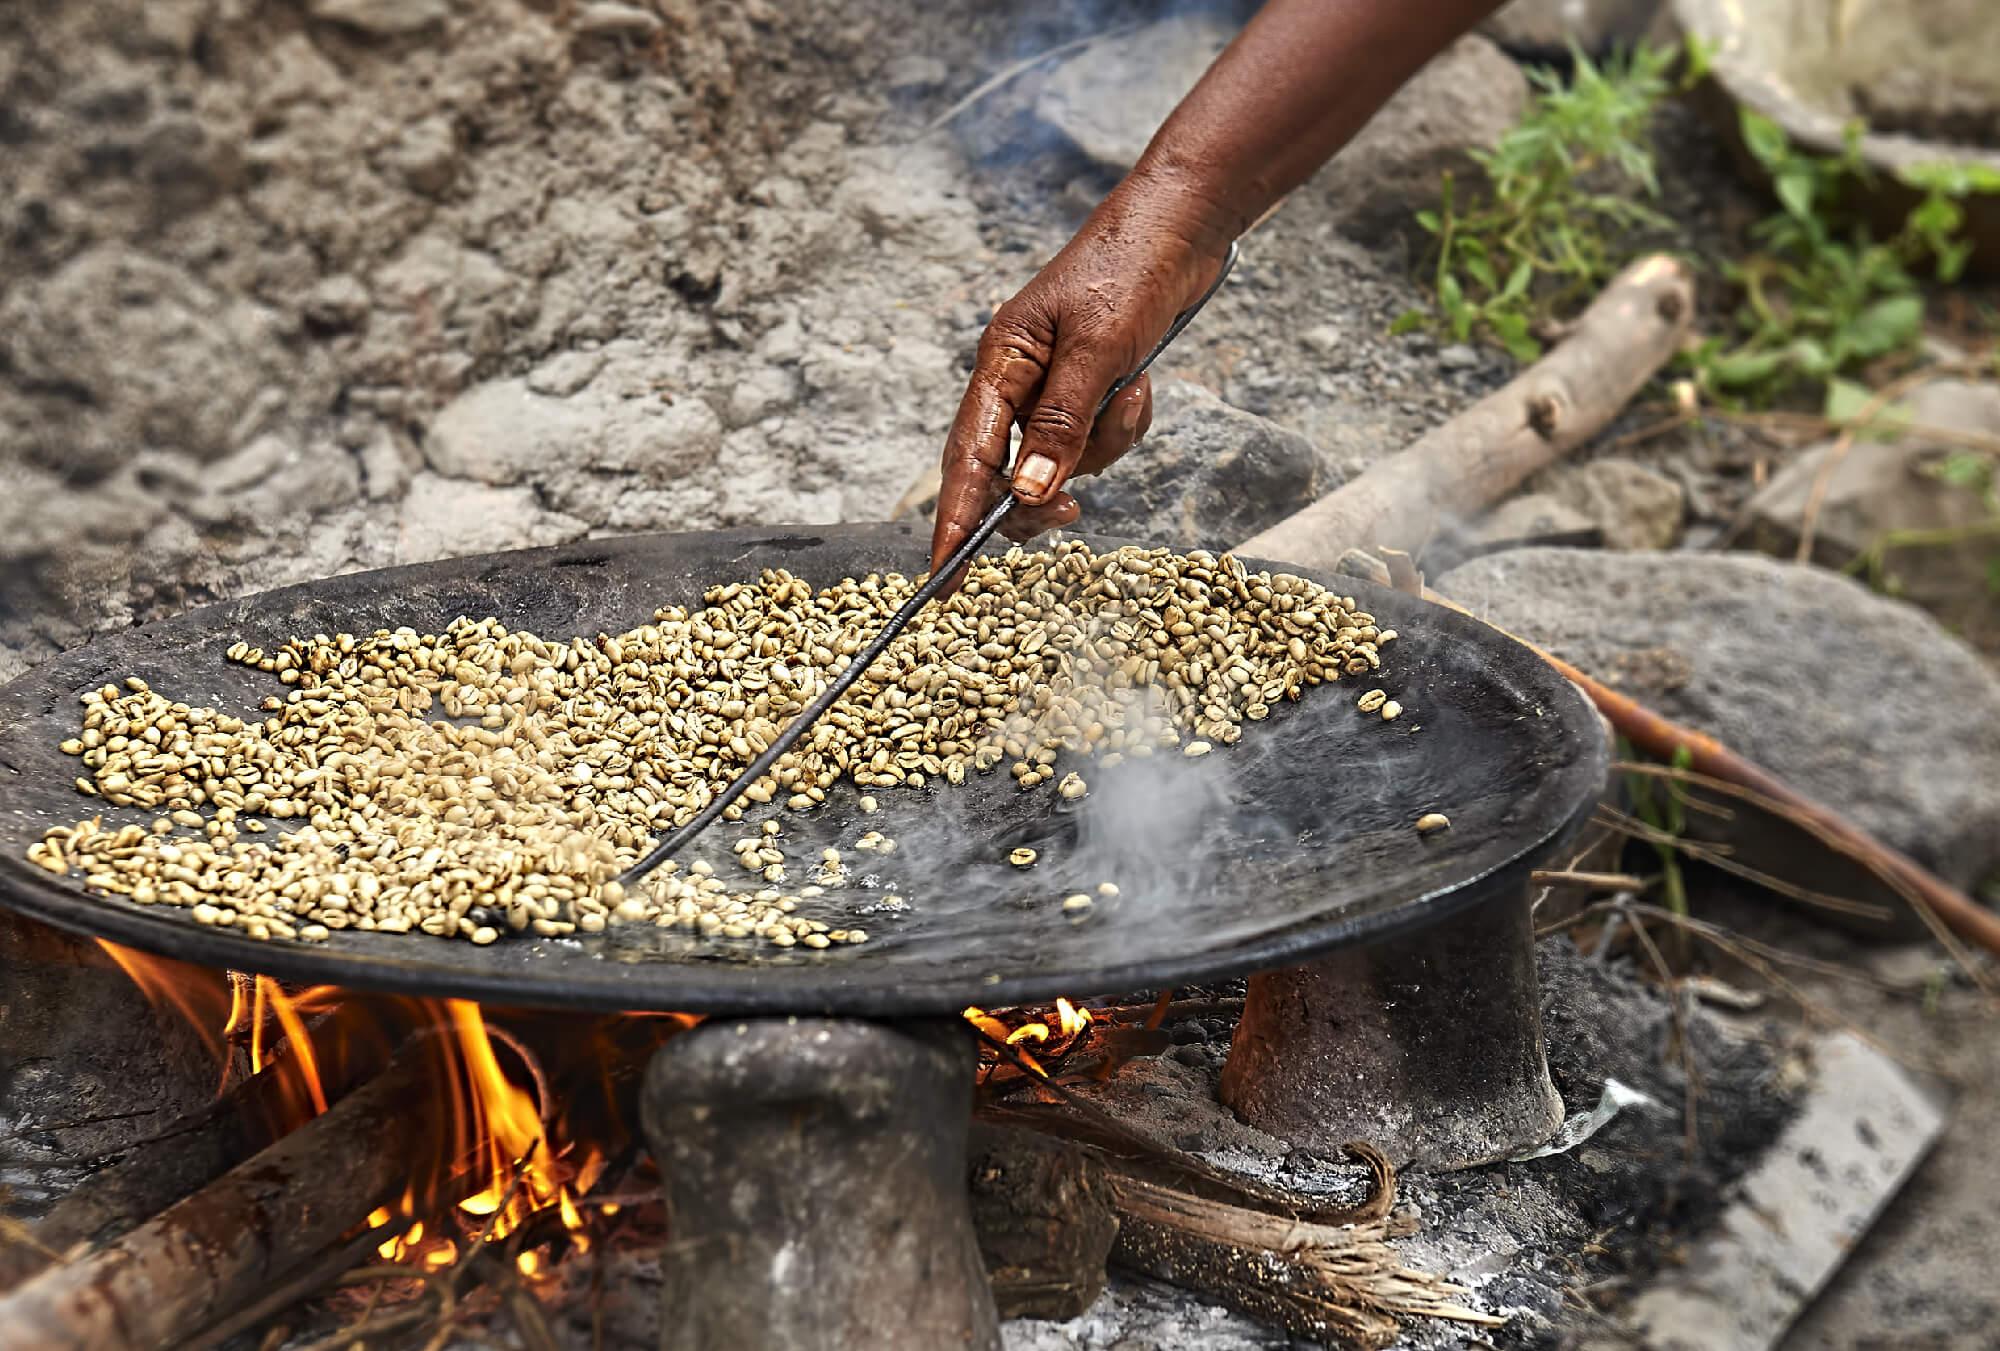 Roasting Ethitopian coffee beans